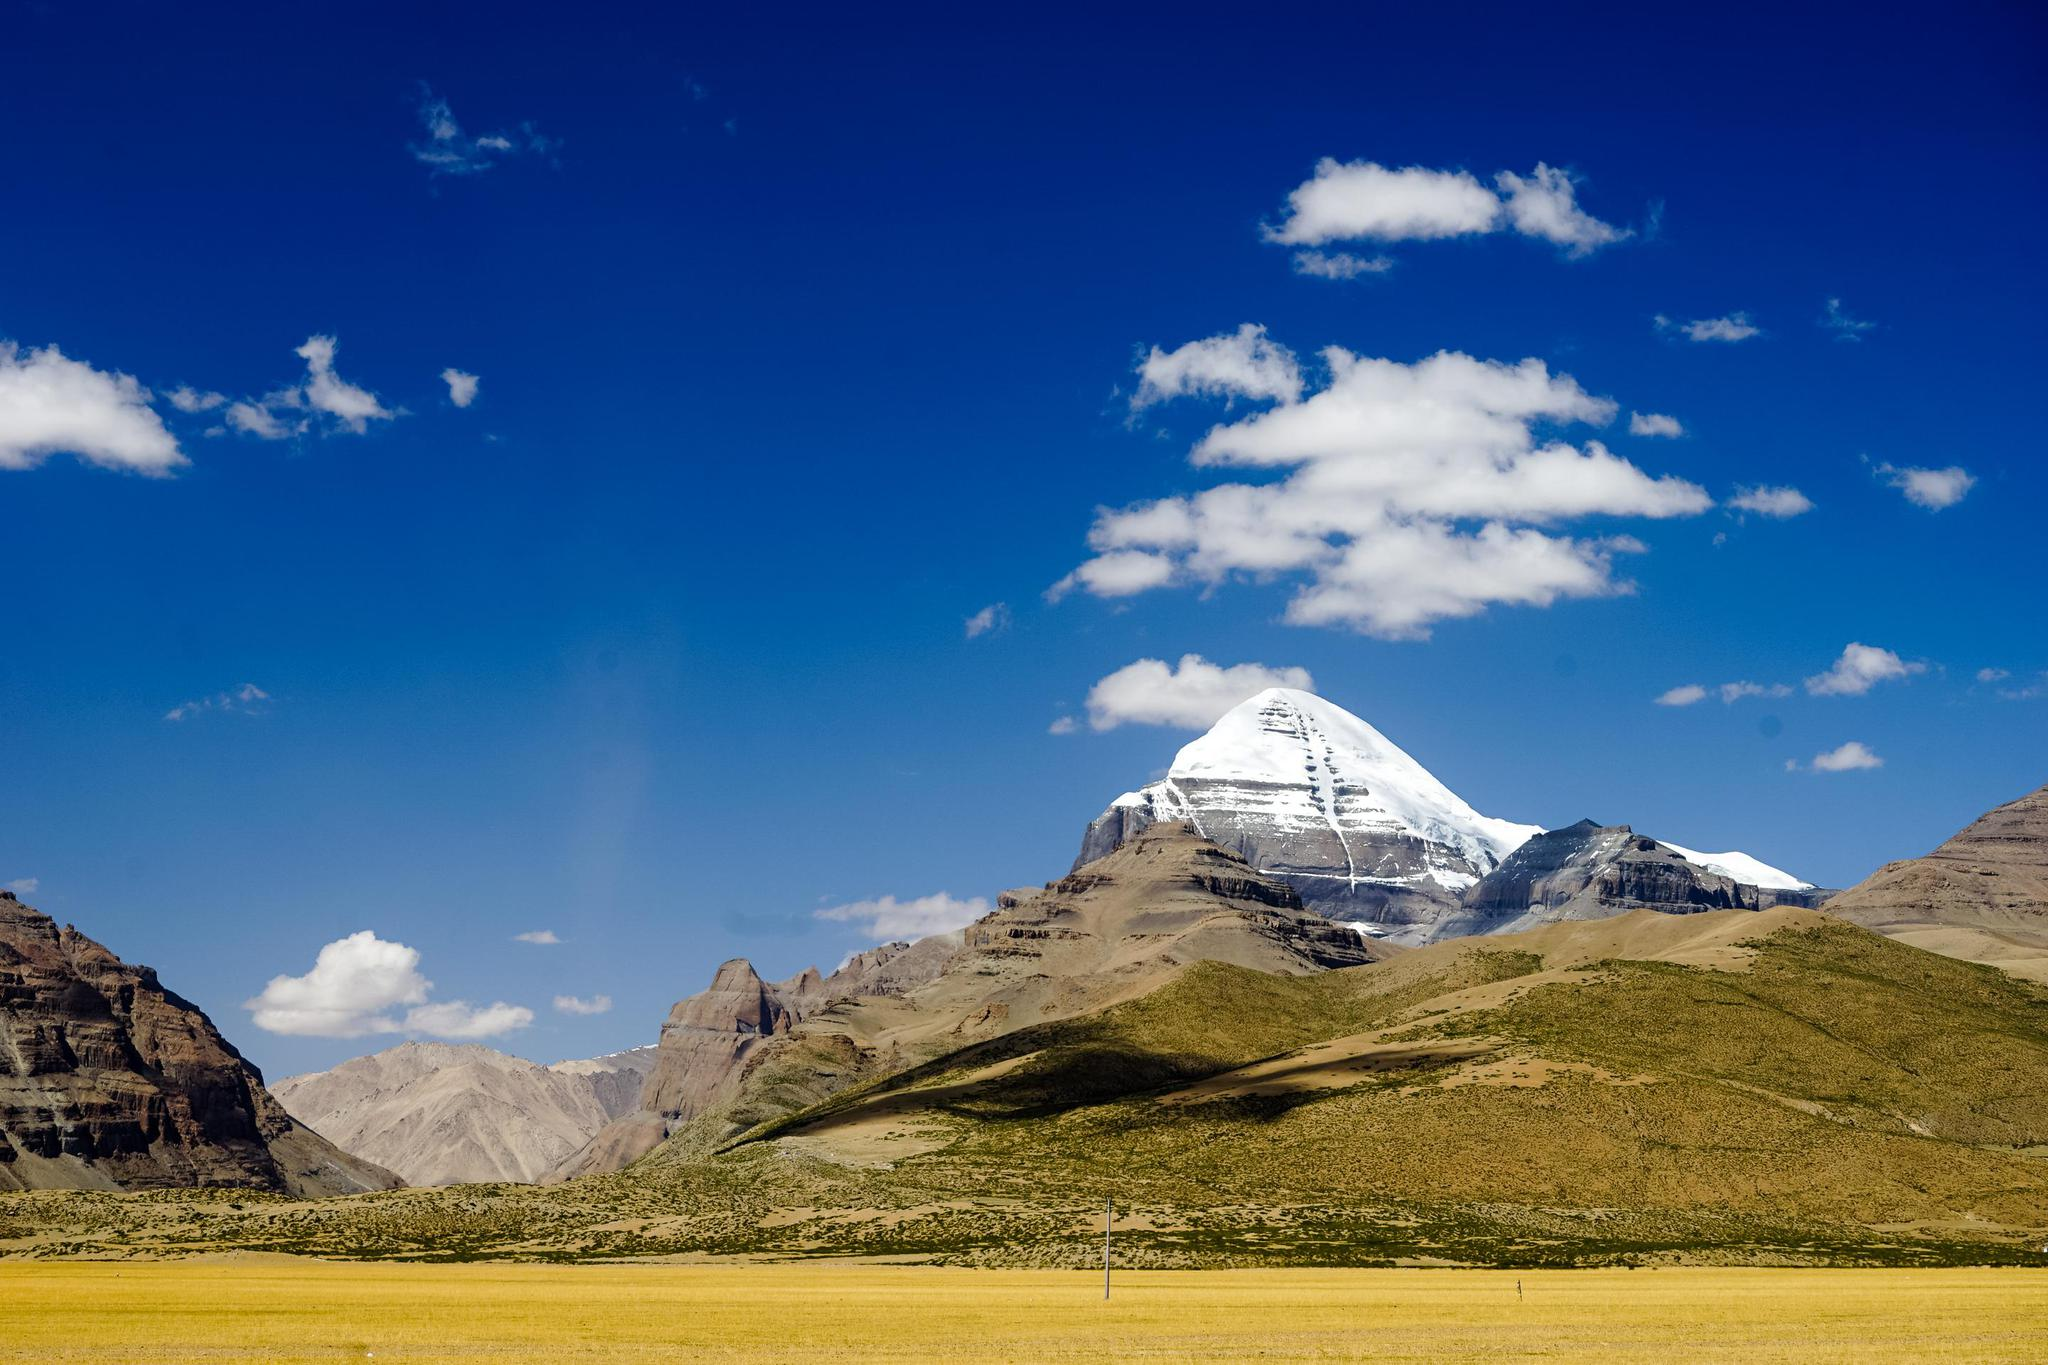 这座雪山海拔不到七千米却无人敢攀登 是险峻是敬畏还是出于保护